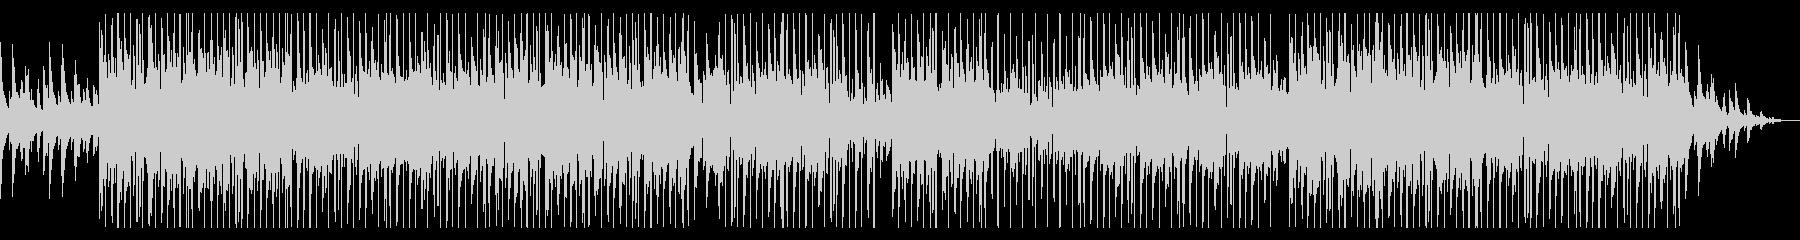 ジャジーでお洒落なピアノのHIPHOPの未再生の波形